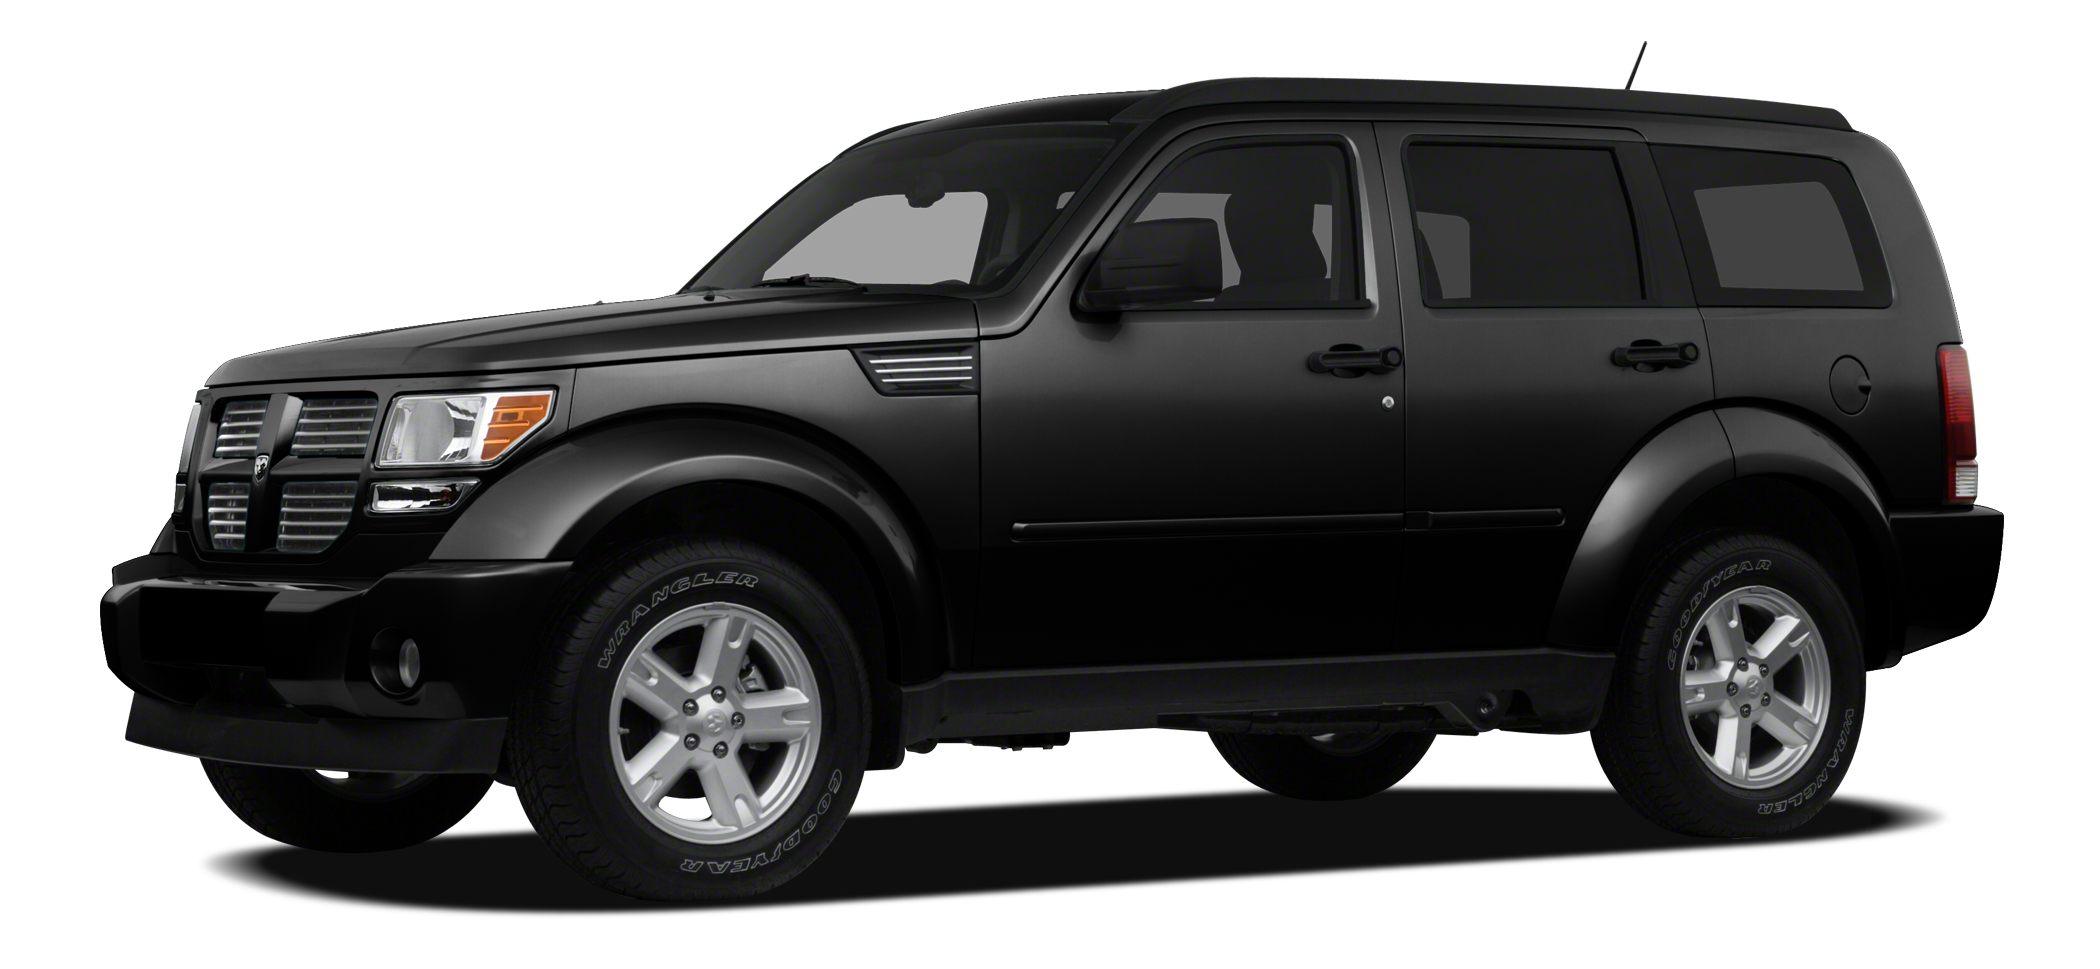 2011 Dodge Nitro Heat Heat trim Brilliant Black Crystal Pearl Coat exterior Satellite Radio iPo